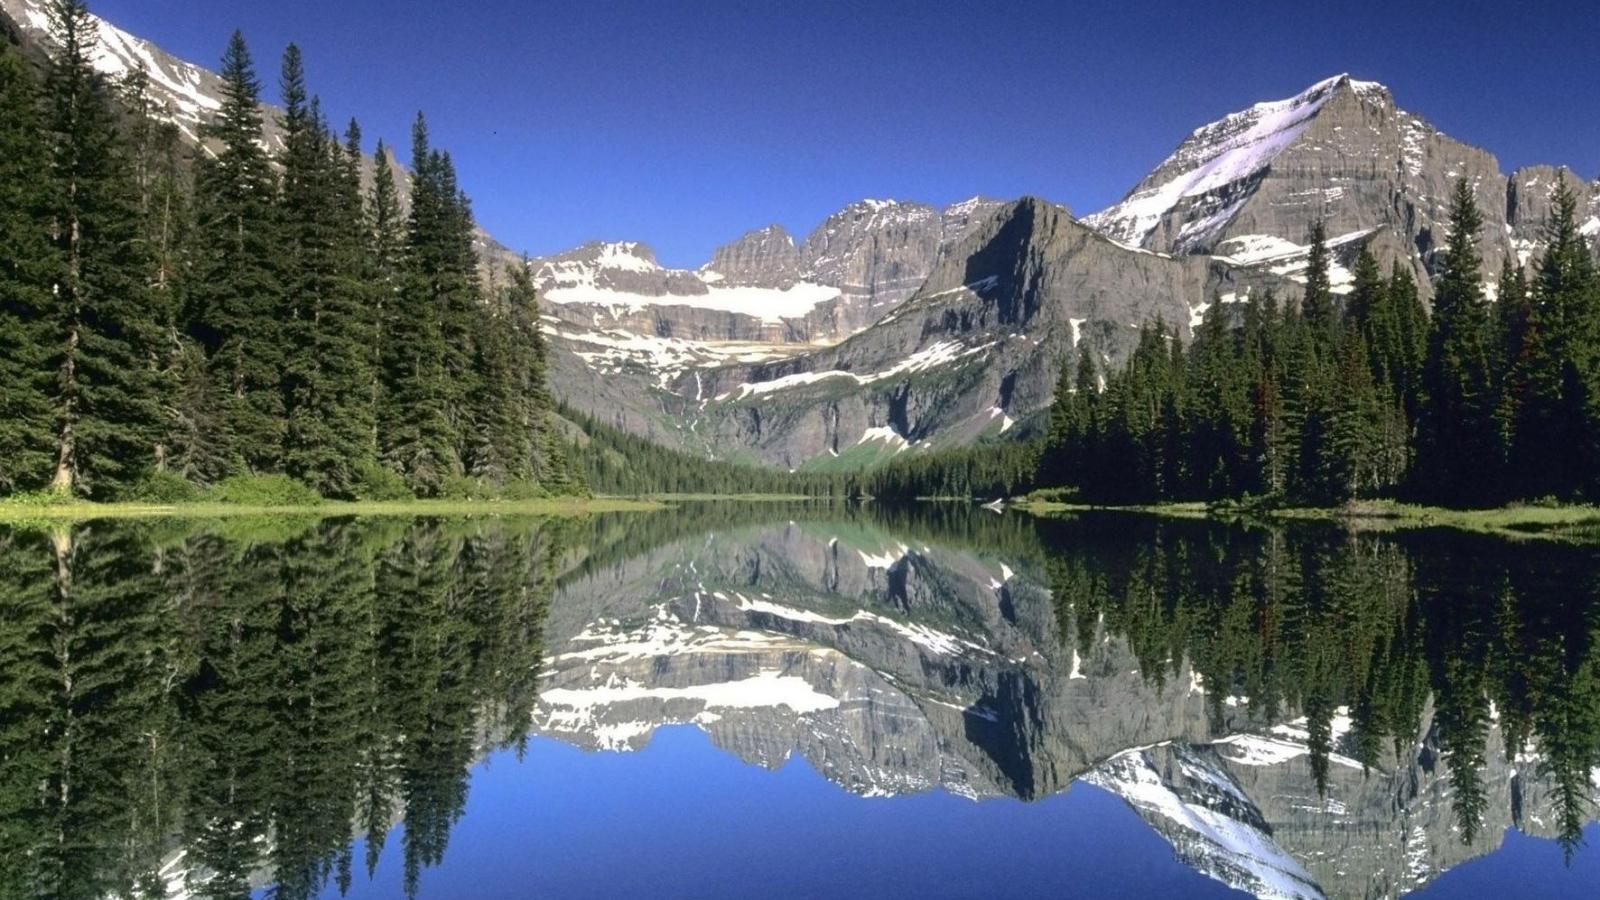 Free Download Glacier National Park Desktop Wallpapers Hd